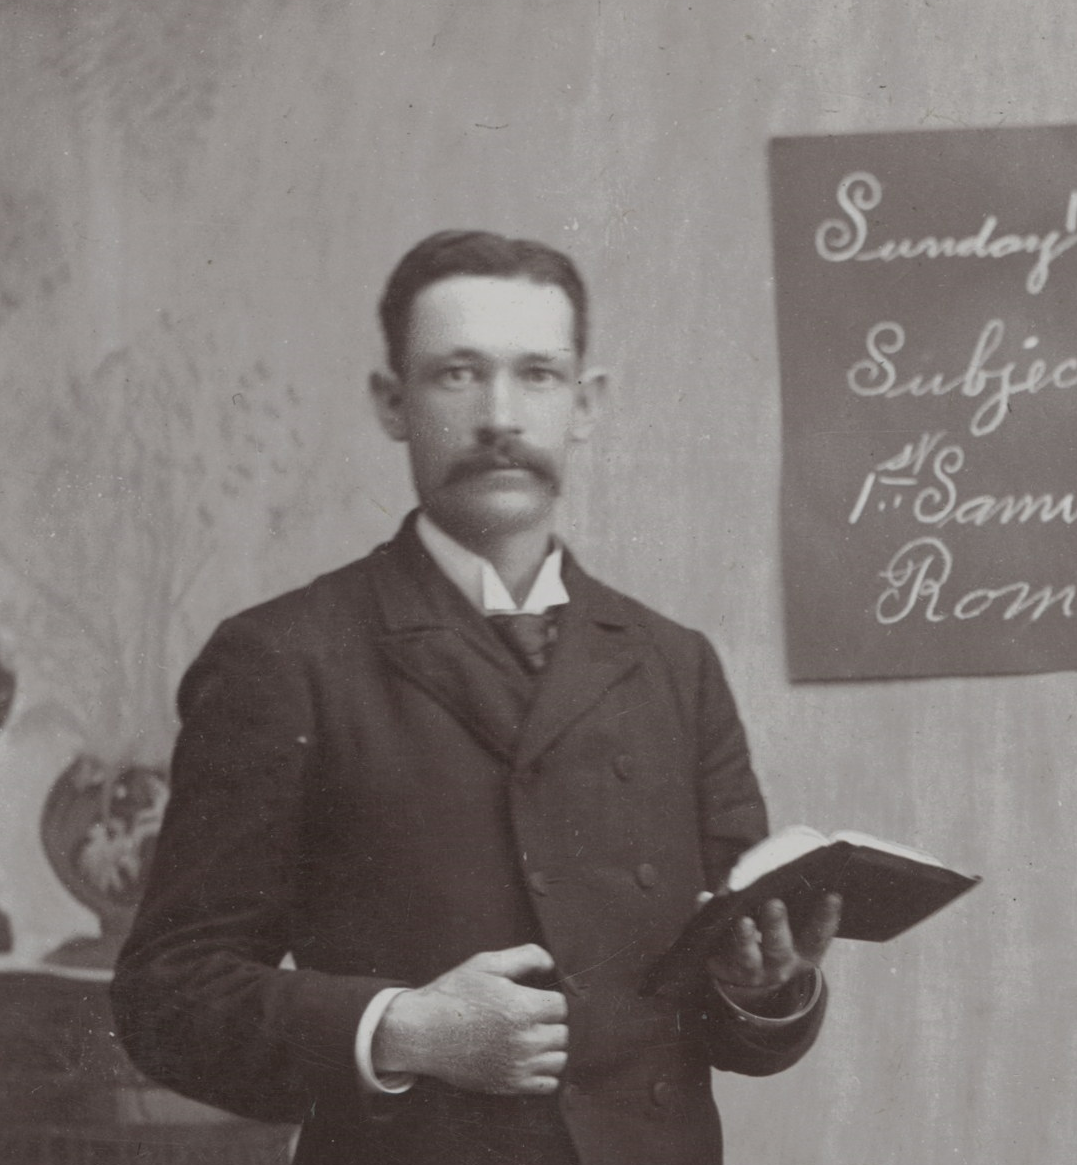 Fuller, Frederick Charles